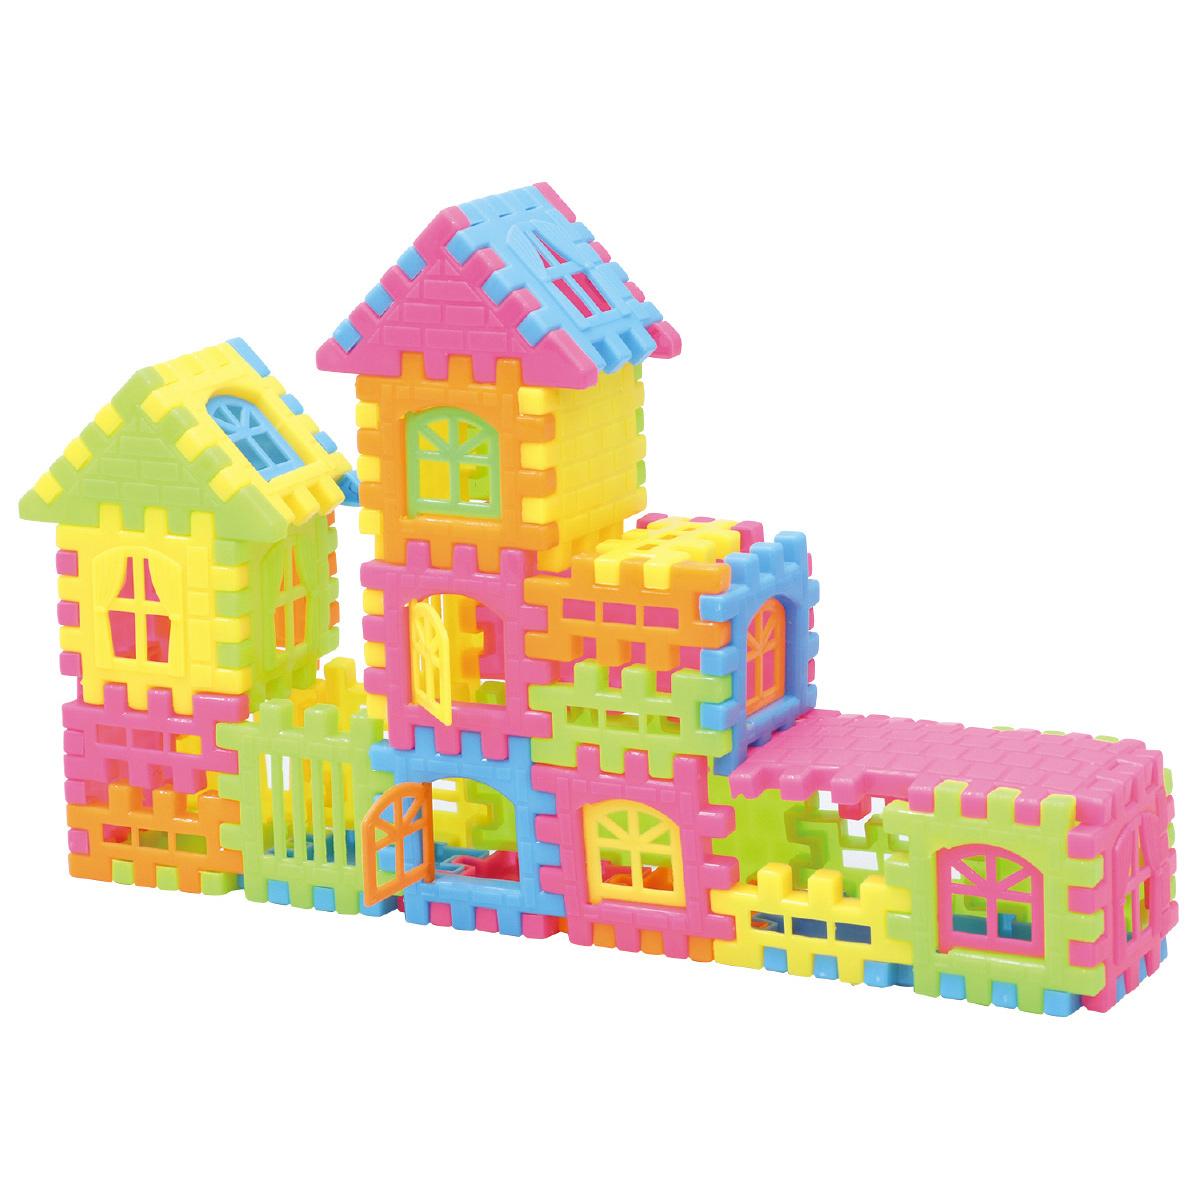 おうち ブロック 知育玩具 おもちゃ キッズ 子供 パズル 組立 クリスマスプレゼント